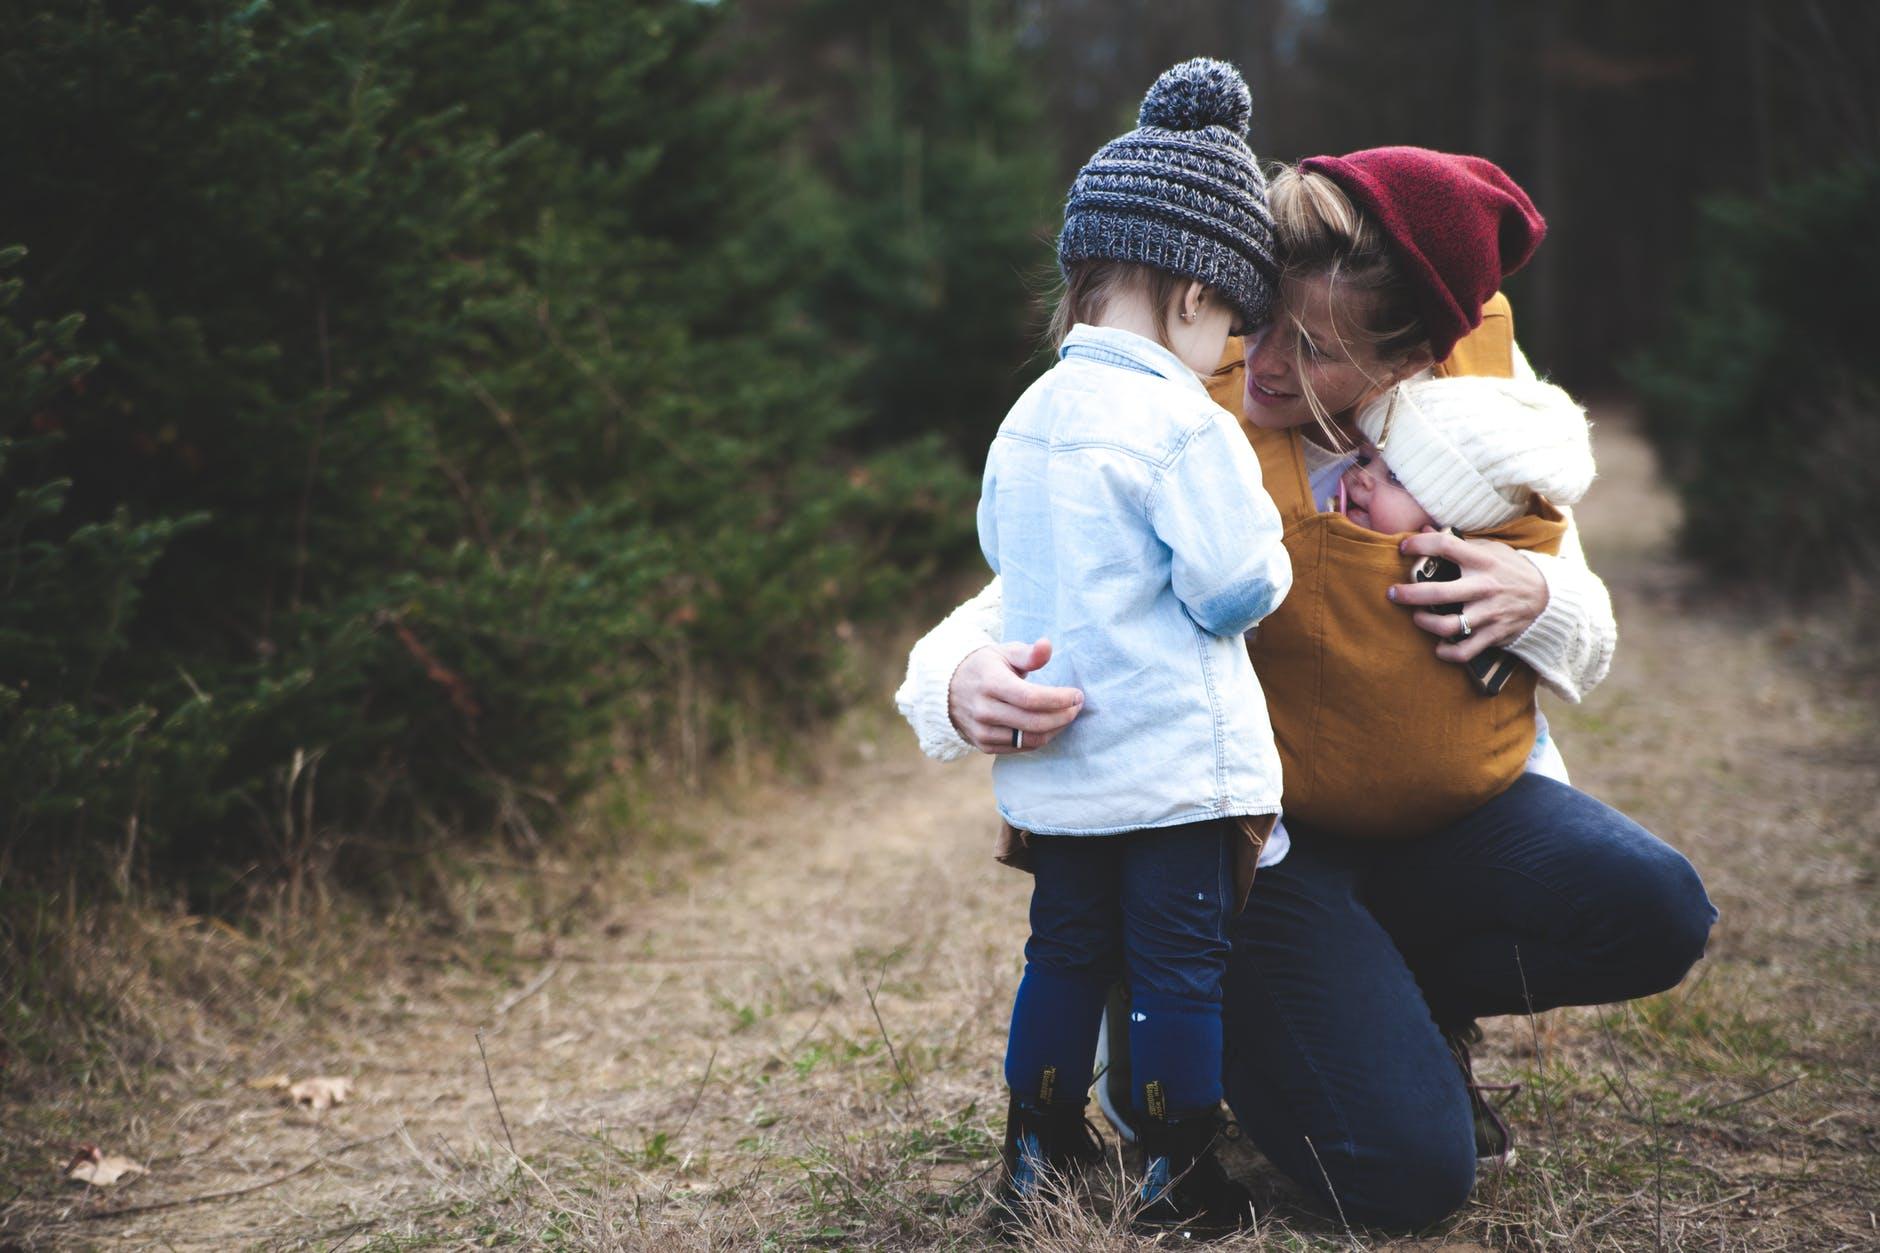 actividades familiares para una dieta saludable cuando tu familia no la sigue